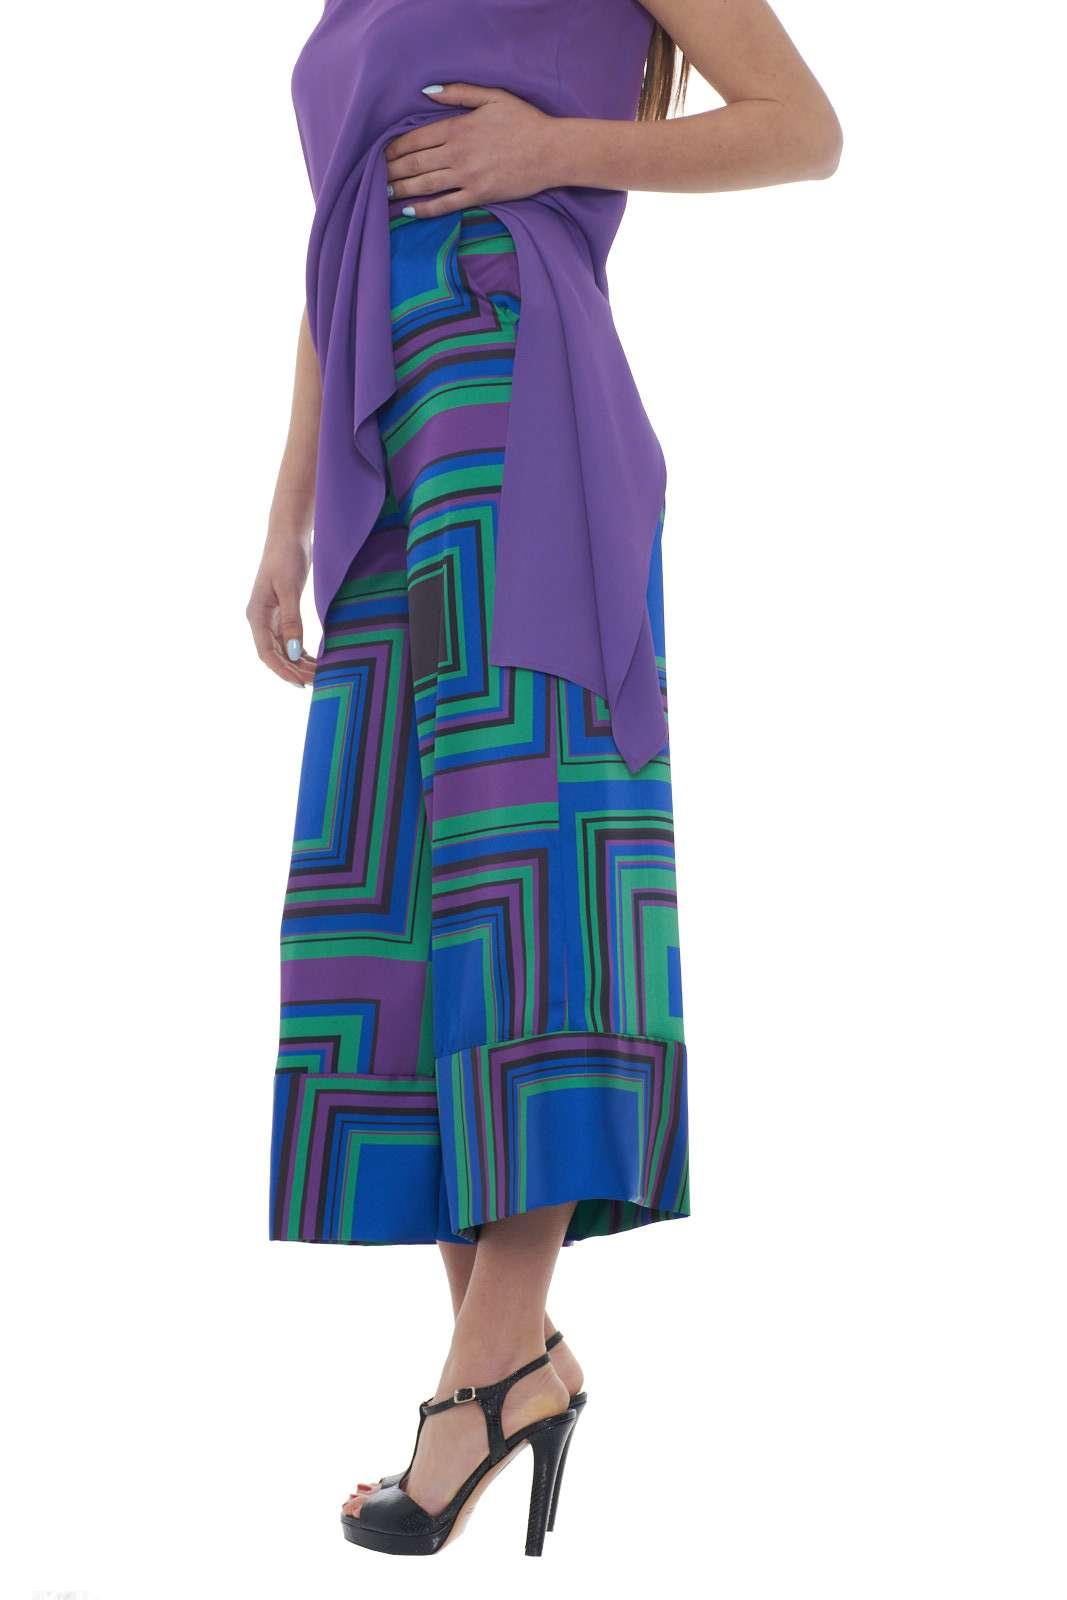 https://www.parmax.com/media/catalog/product/a/i/PE-outlet_parmax-pantaloni-donna-Mem-pa129v02-B.jpg